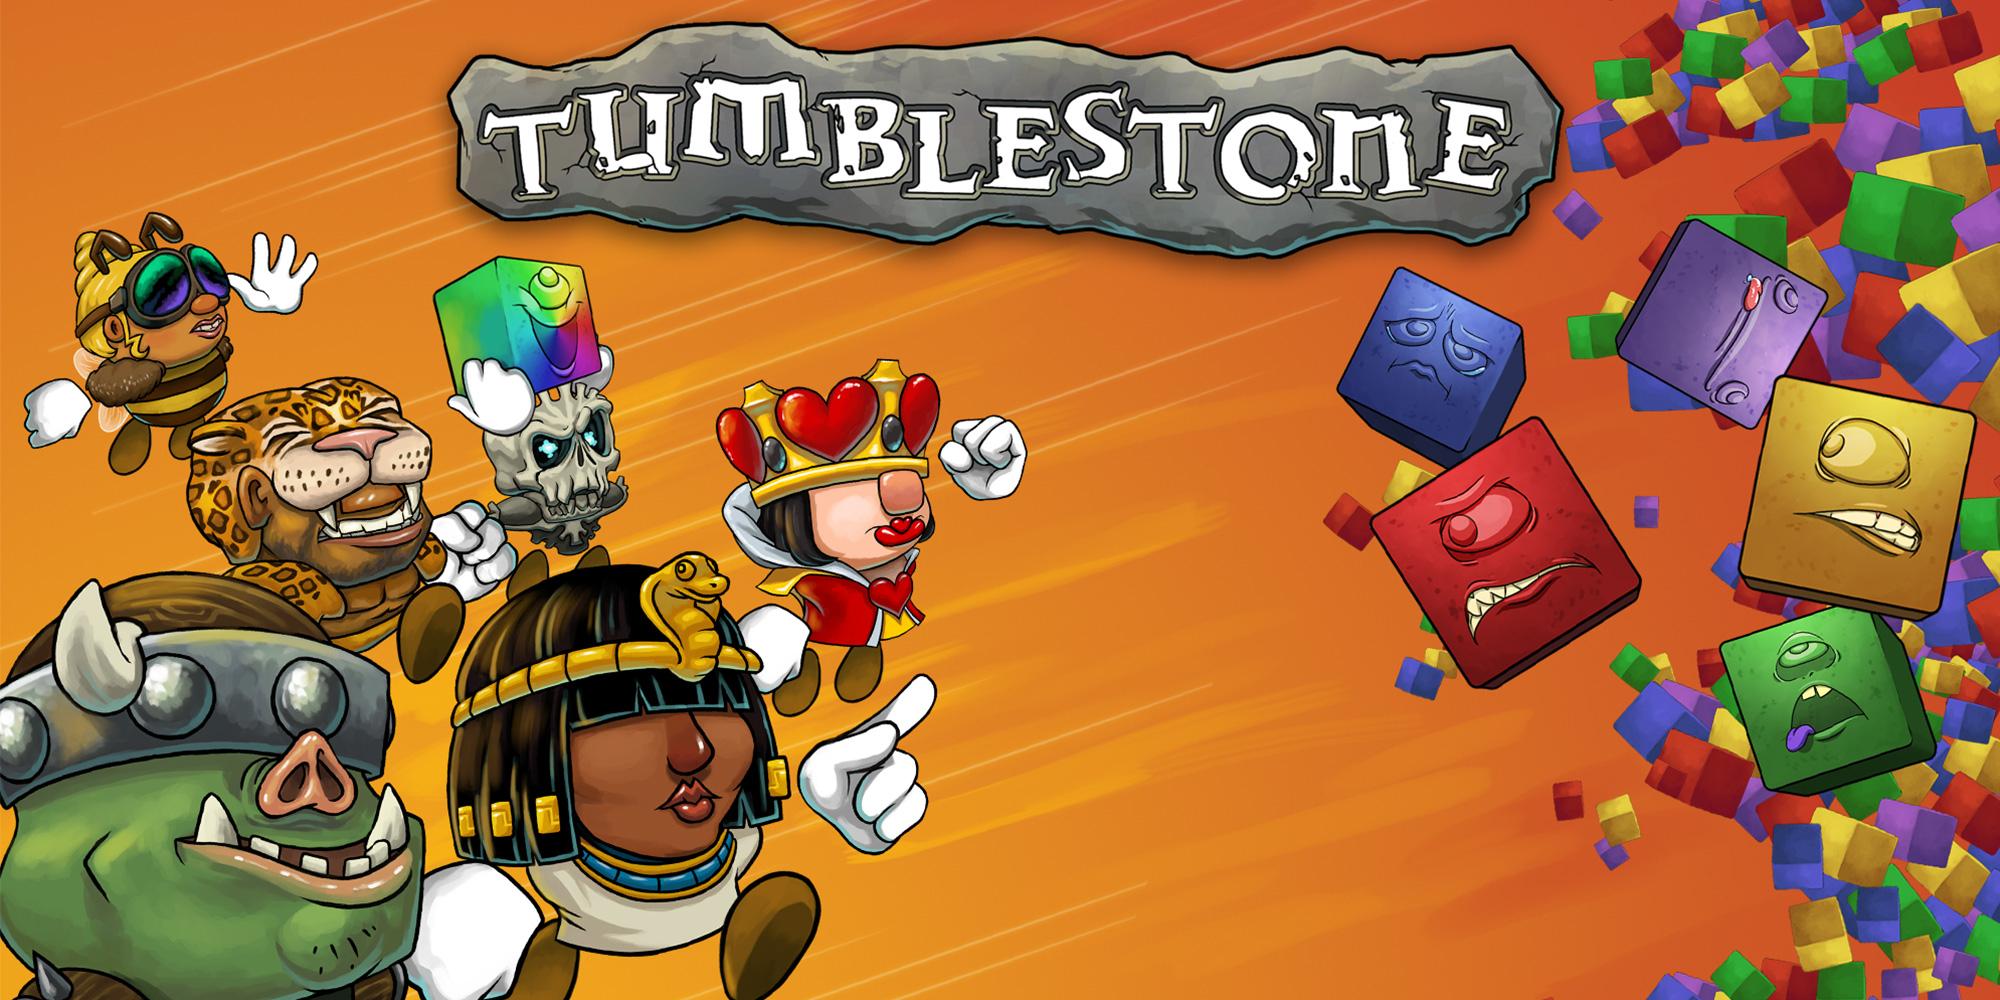 Jeu Tumble Tumble Jeu Miniclip Télécharger - Dreamipilpon.ga intérieur Jeux A Telecharger Pour Pc